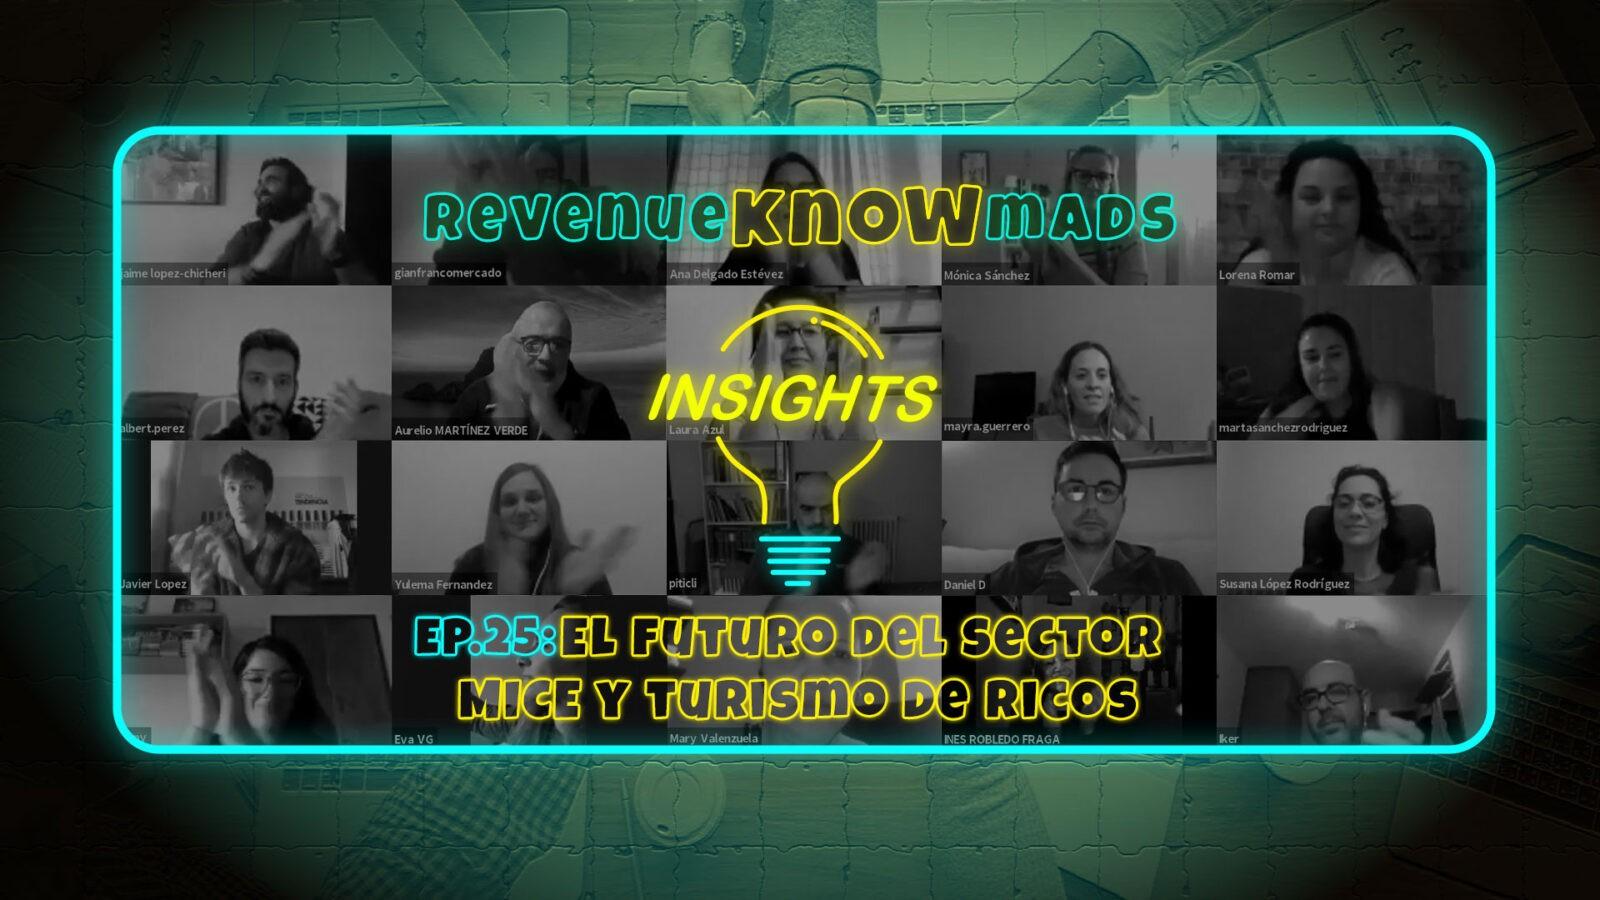 Revenueknowmads Insights 25